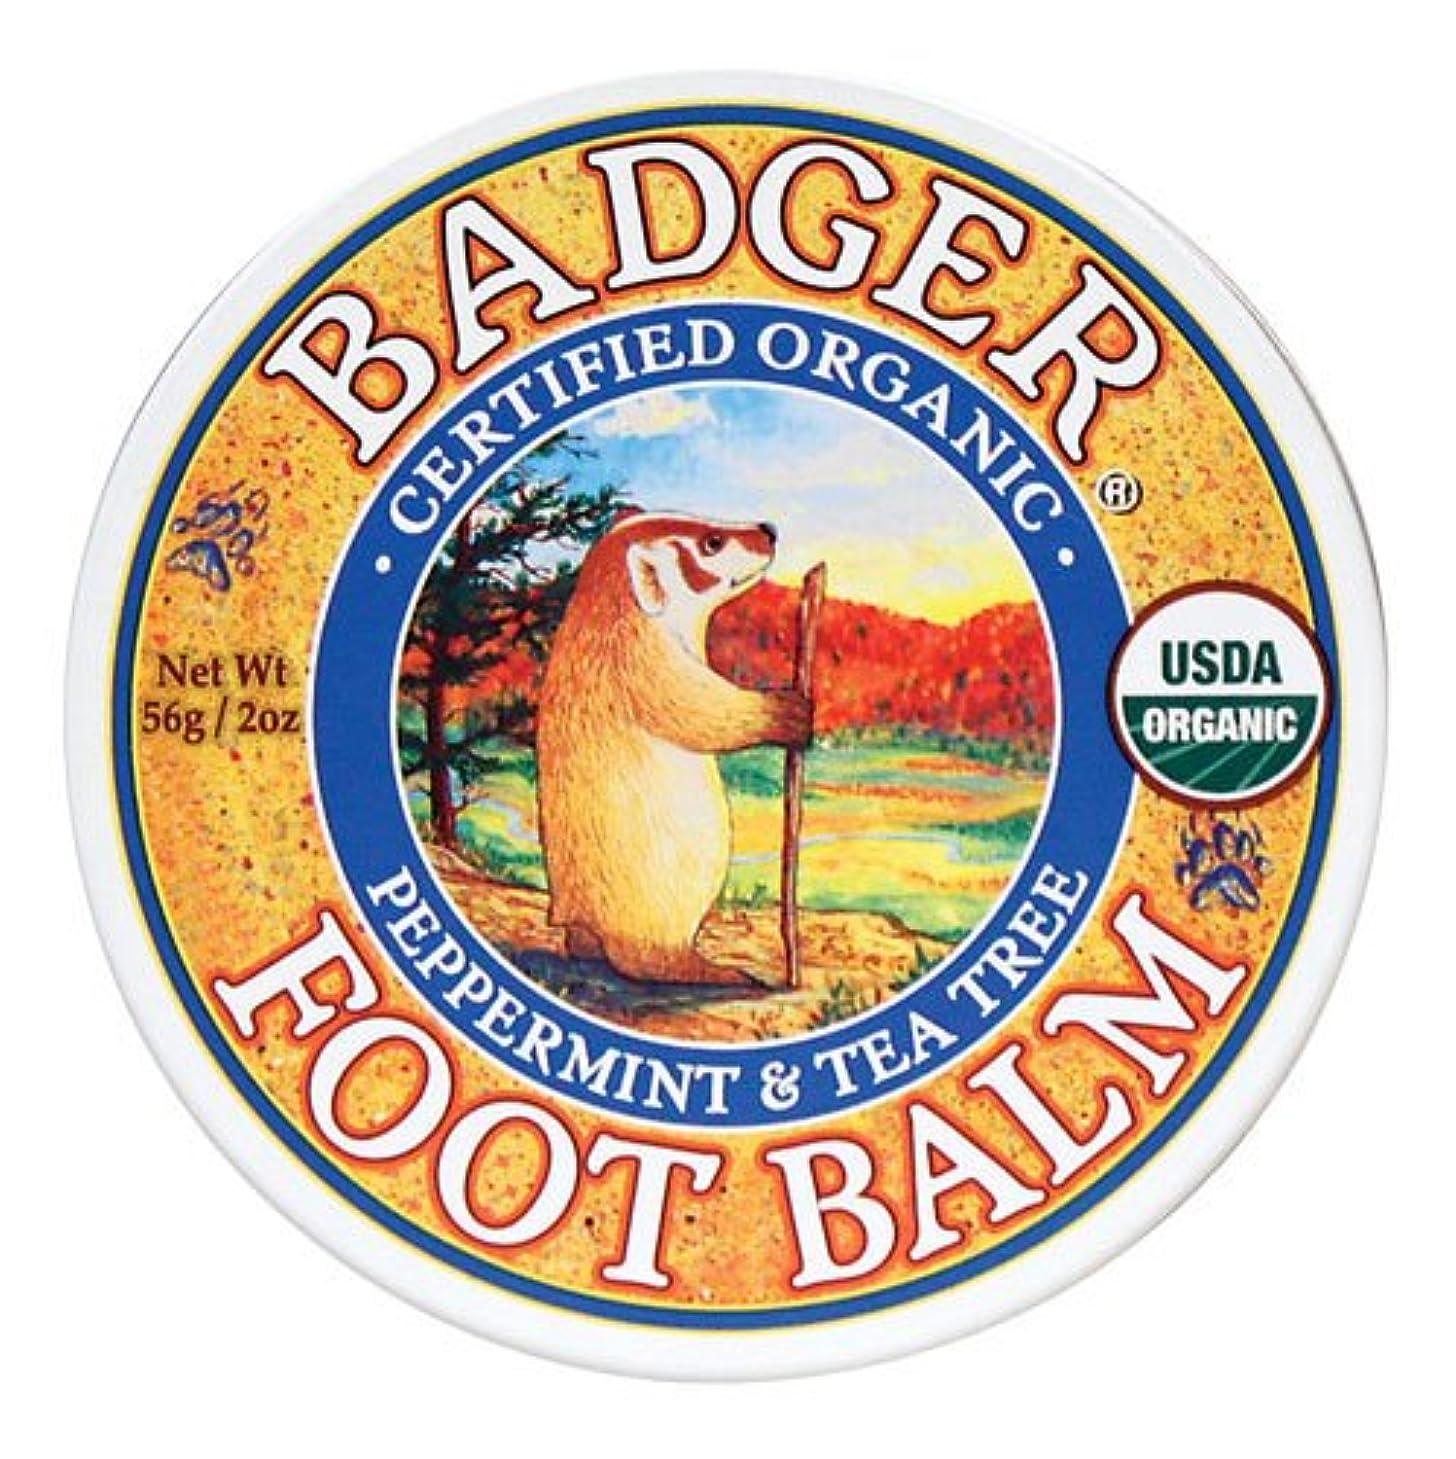 こどもの日ペースト五十Badger バジャー オーガニックフットクリーム ペパーミント & ティーツリー 56g【海外直送品】【並行輸入品】